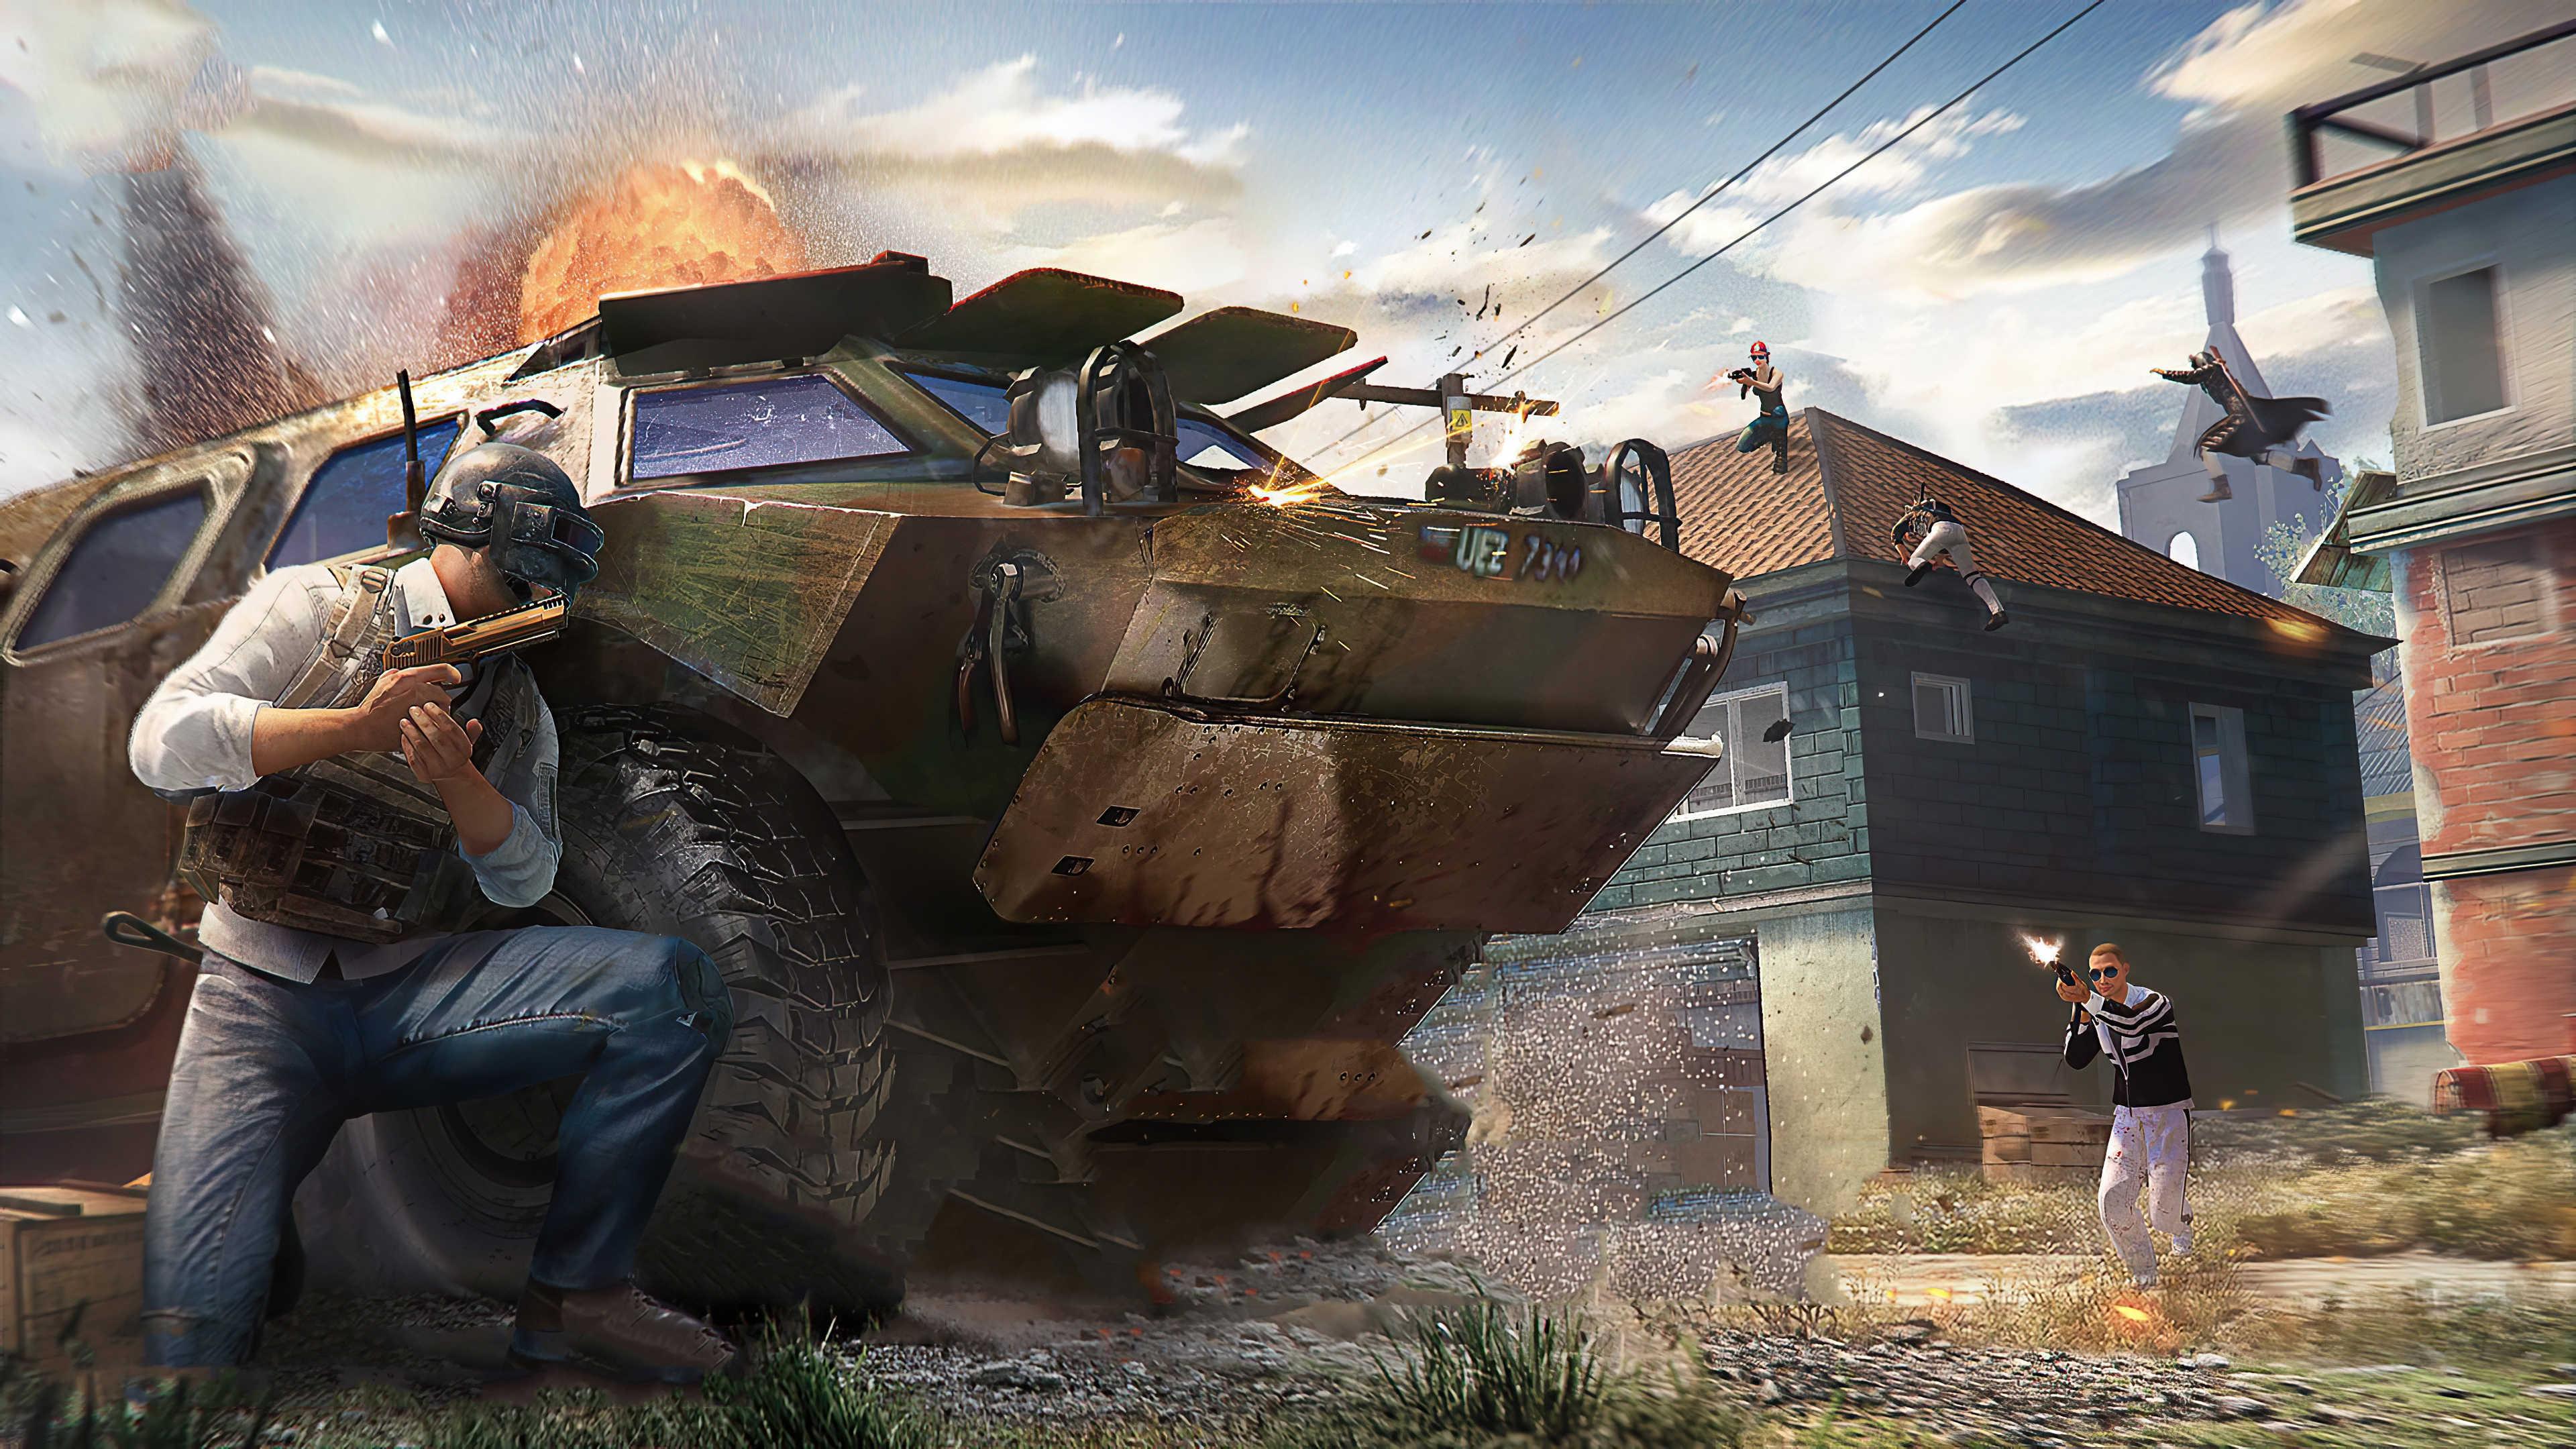 Pubg Playerunknown's Battlegrounds Video Game